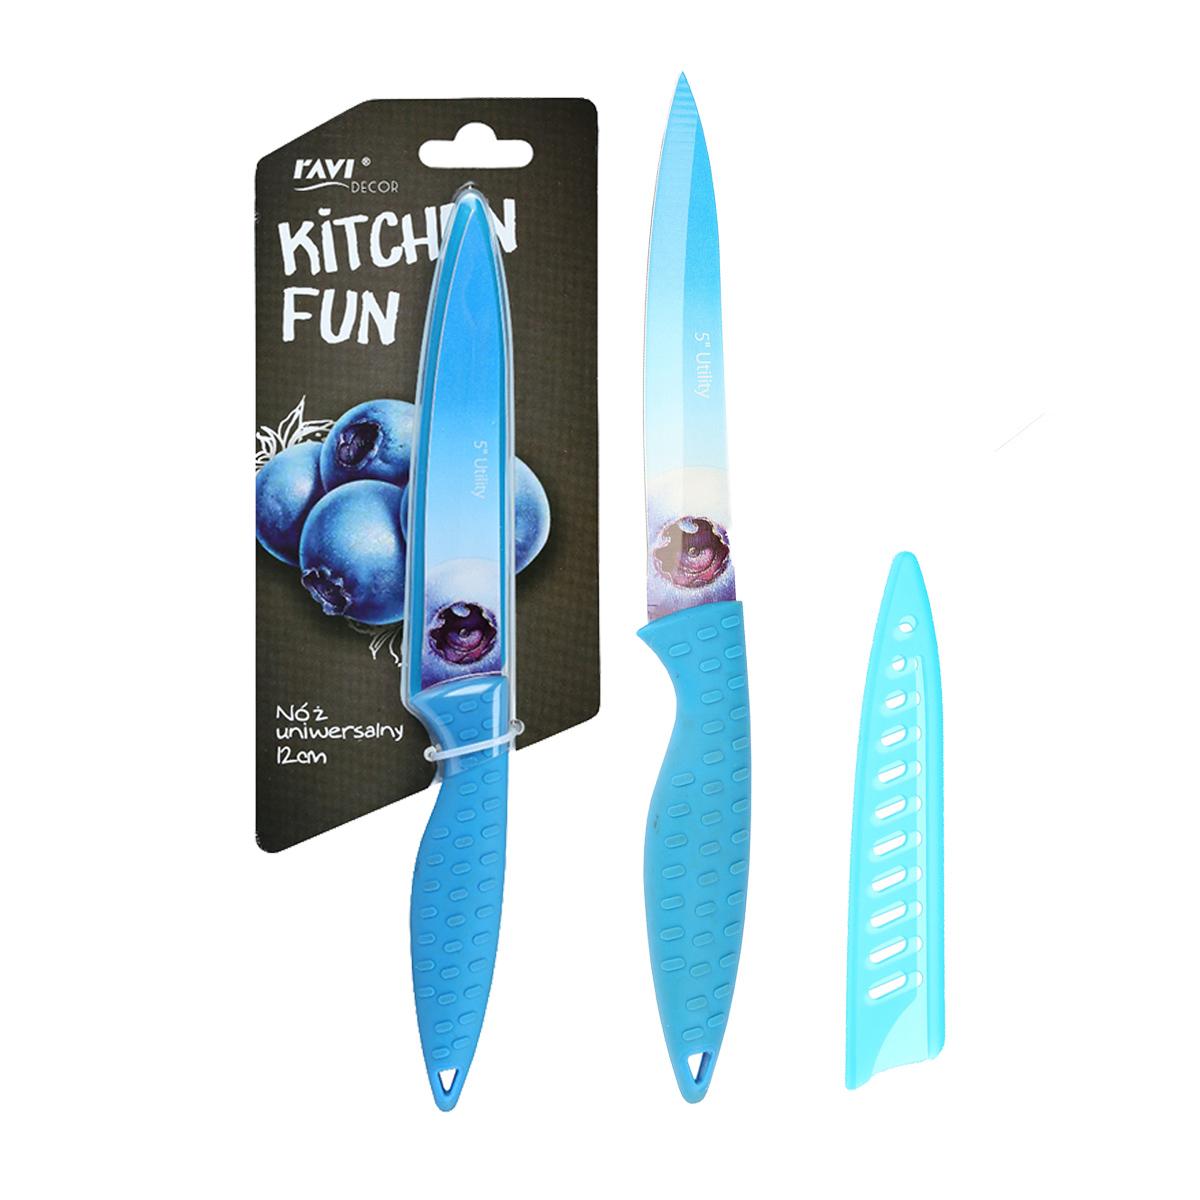 KITCHEN FUN utility knife